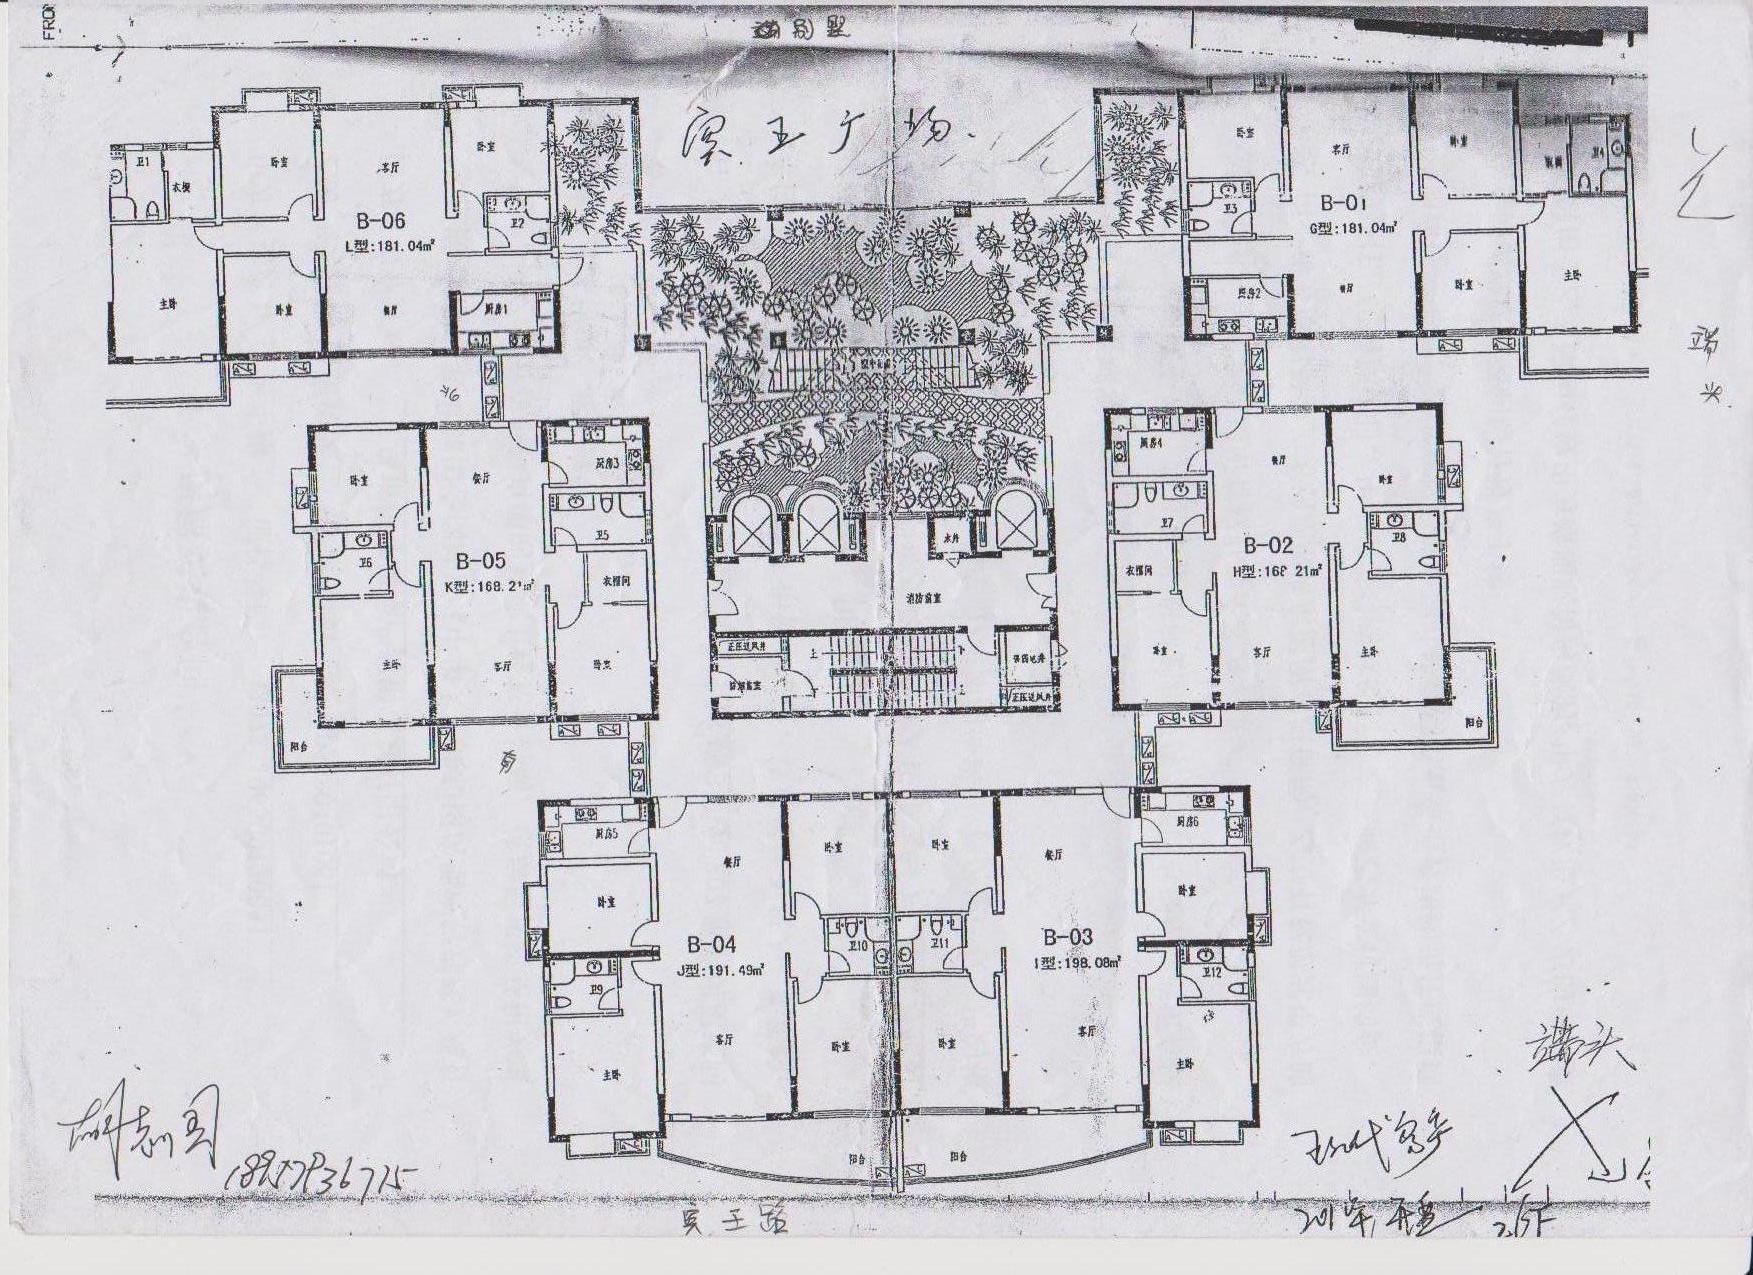 单身公寓楼中楼设计平面图